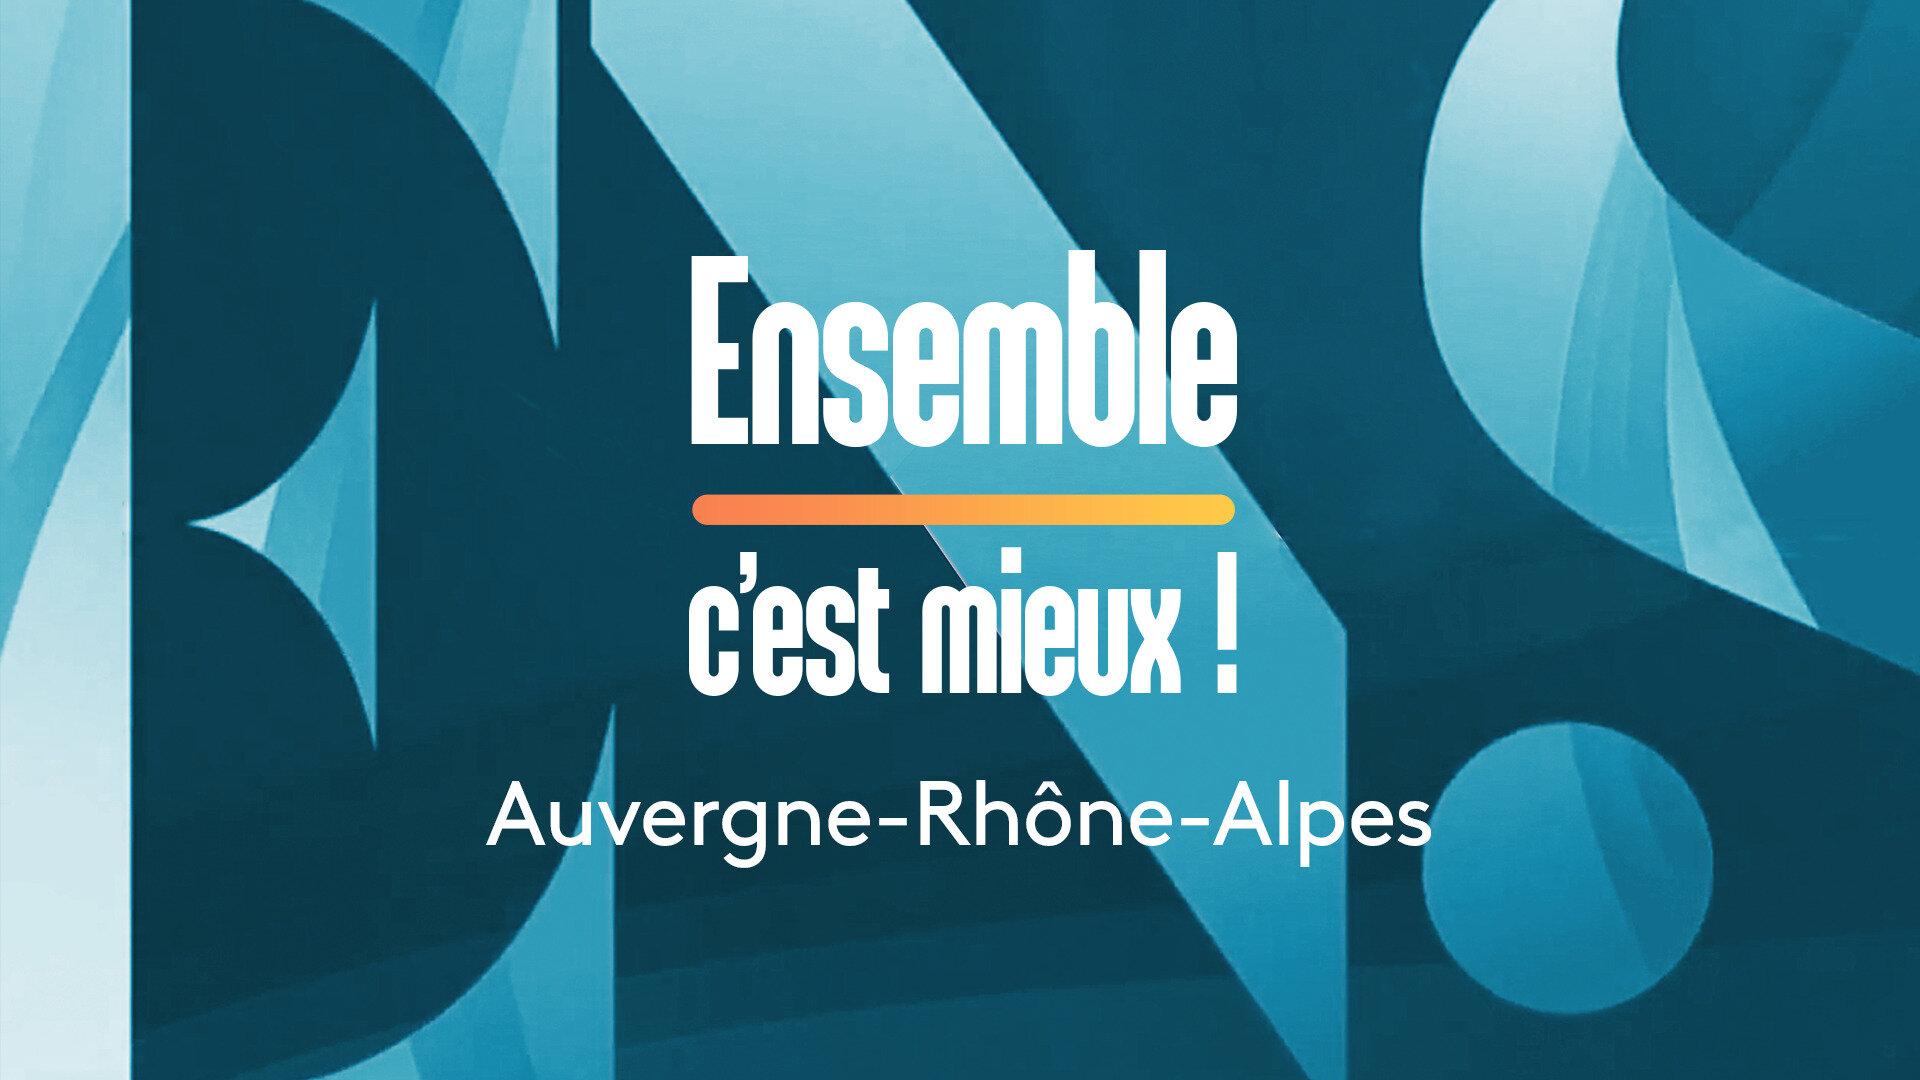 Ensemble c'est mieux ! Alpes-Auvergne-Rhône-Alpes : Nous paysans - Néo ruraux : le difficile accès à la terre